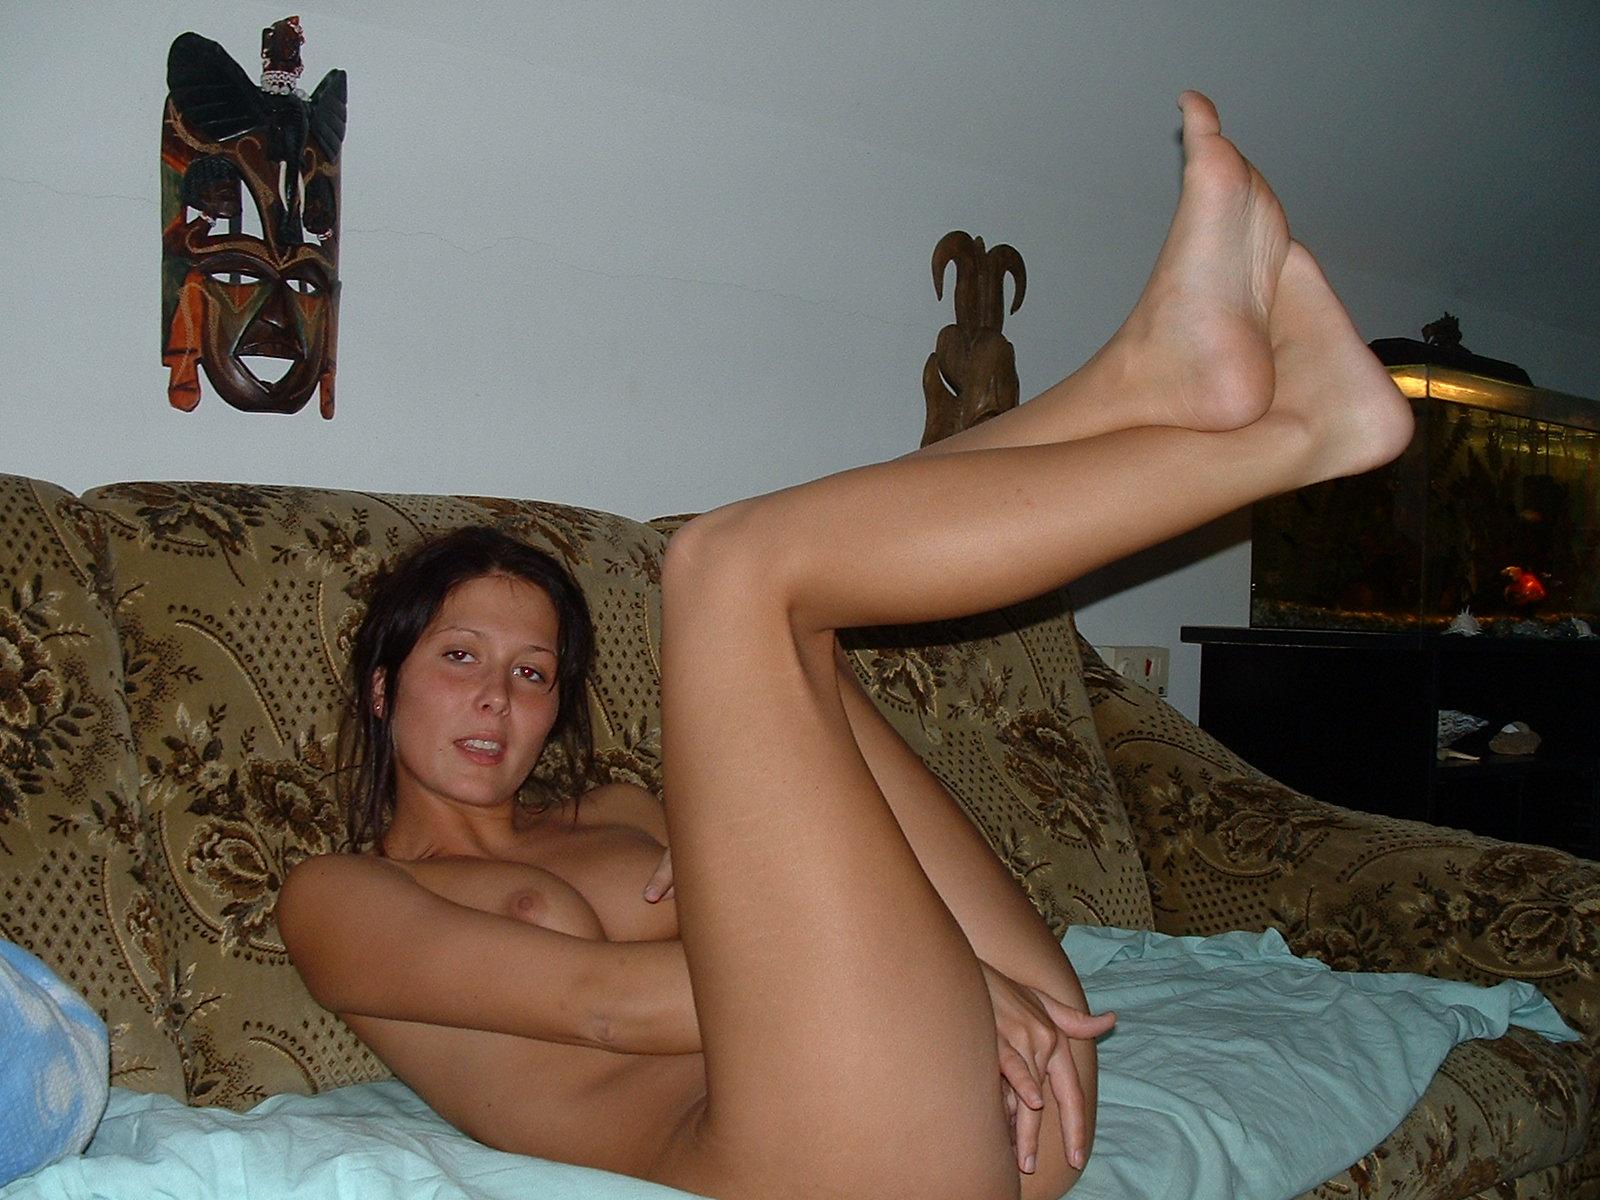 Фото голых девушек домашняя сьёмка 24 фотография